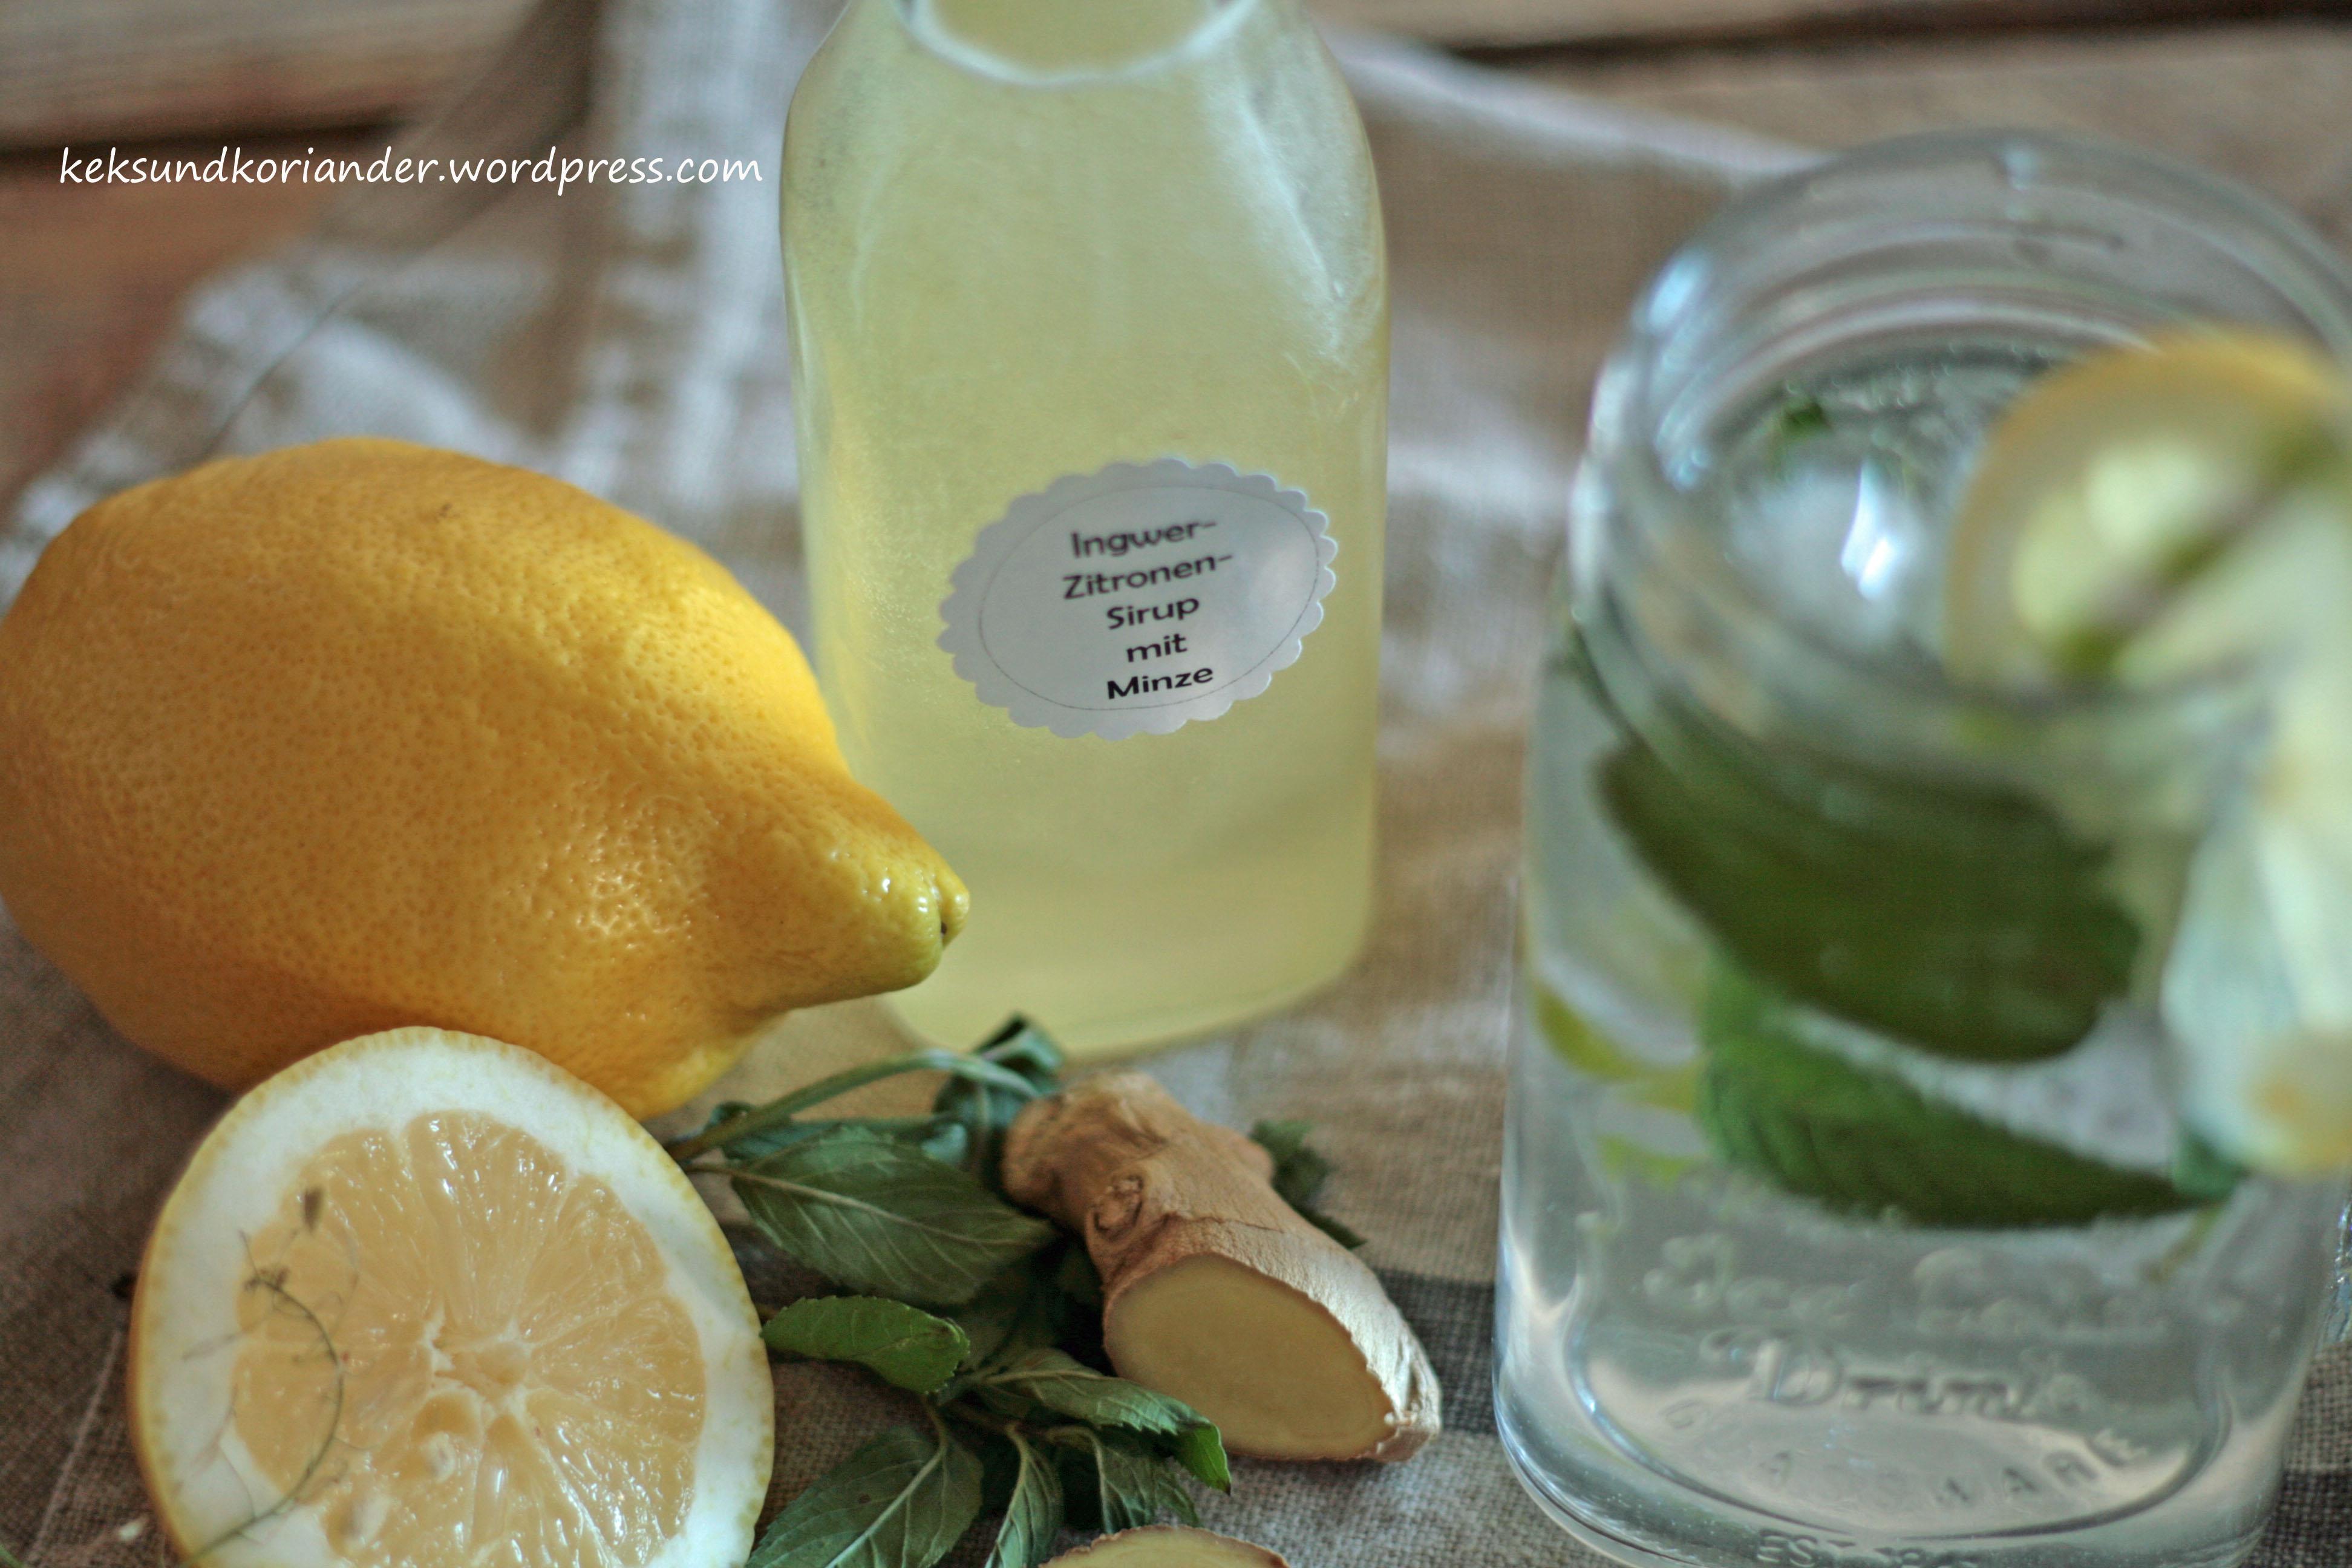 Zitronen-Ingwer-Sirup mit Minze2